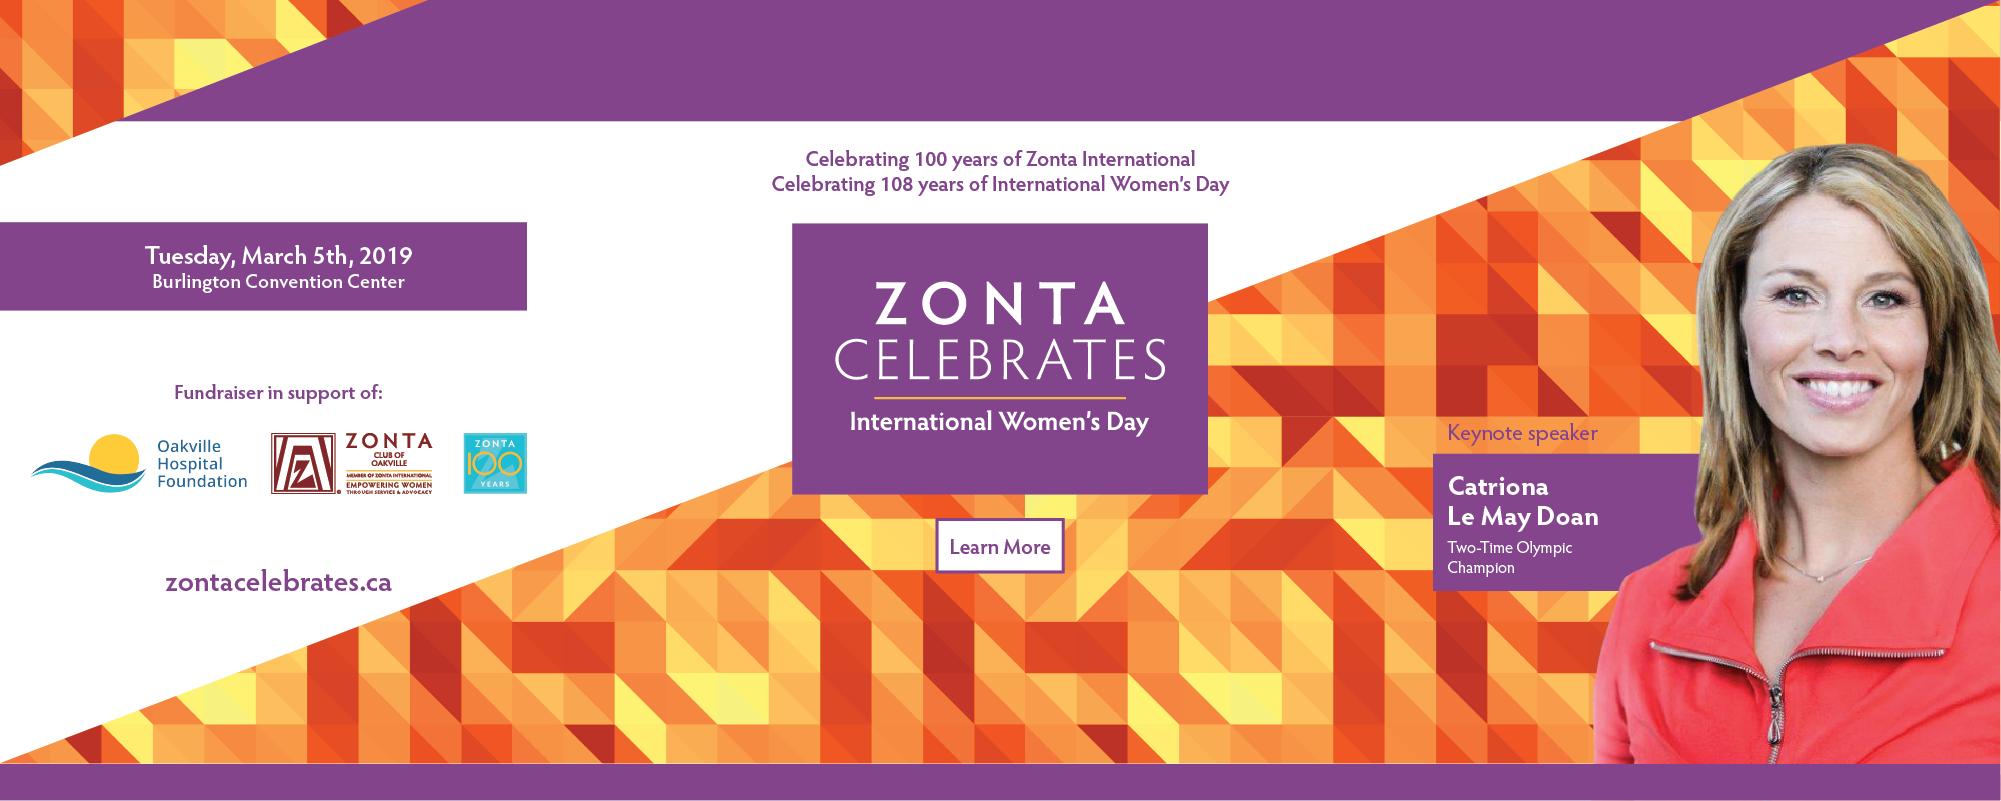 Zonta Celebrates